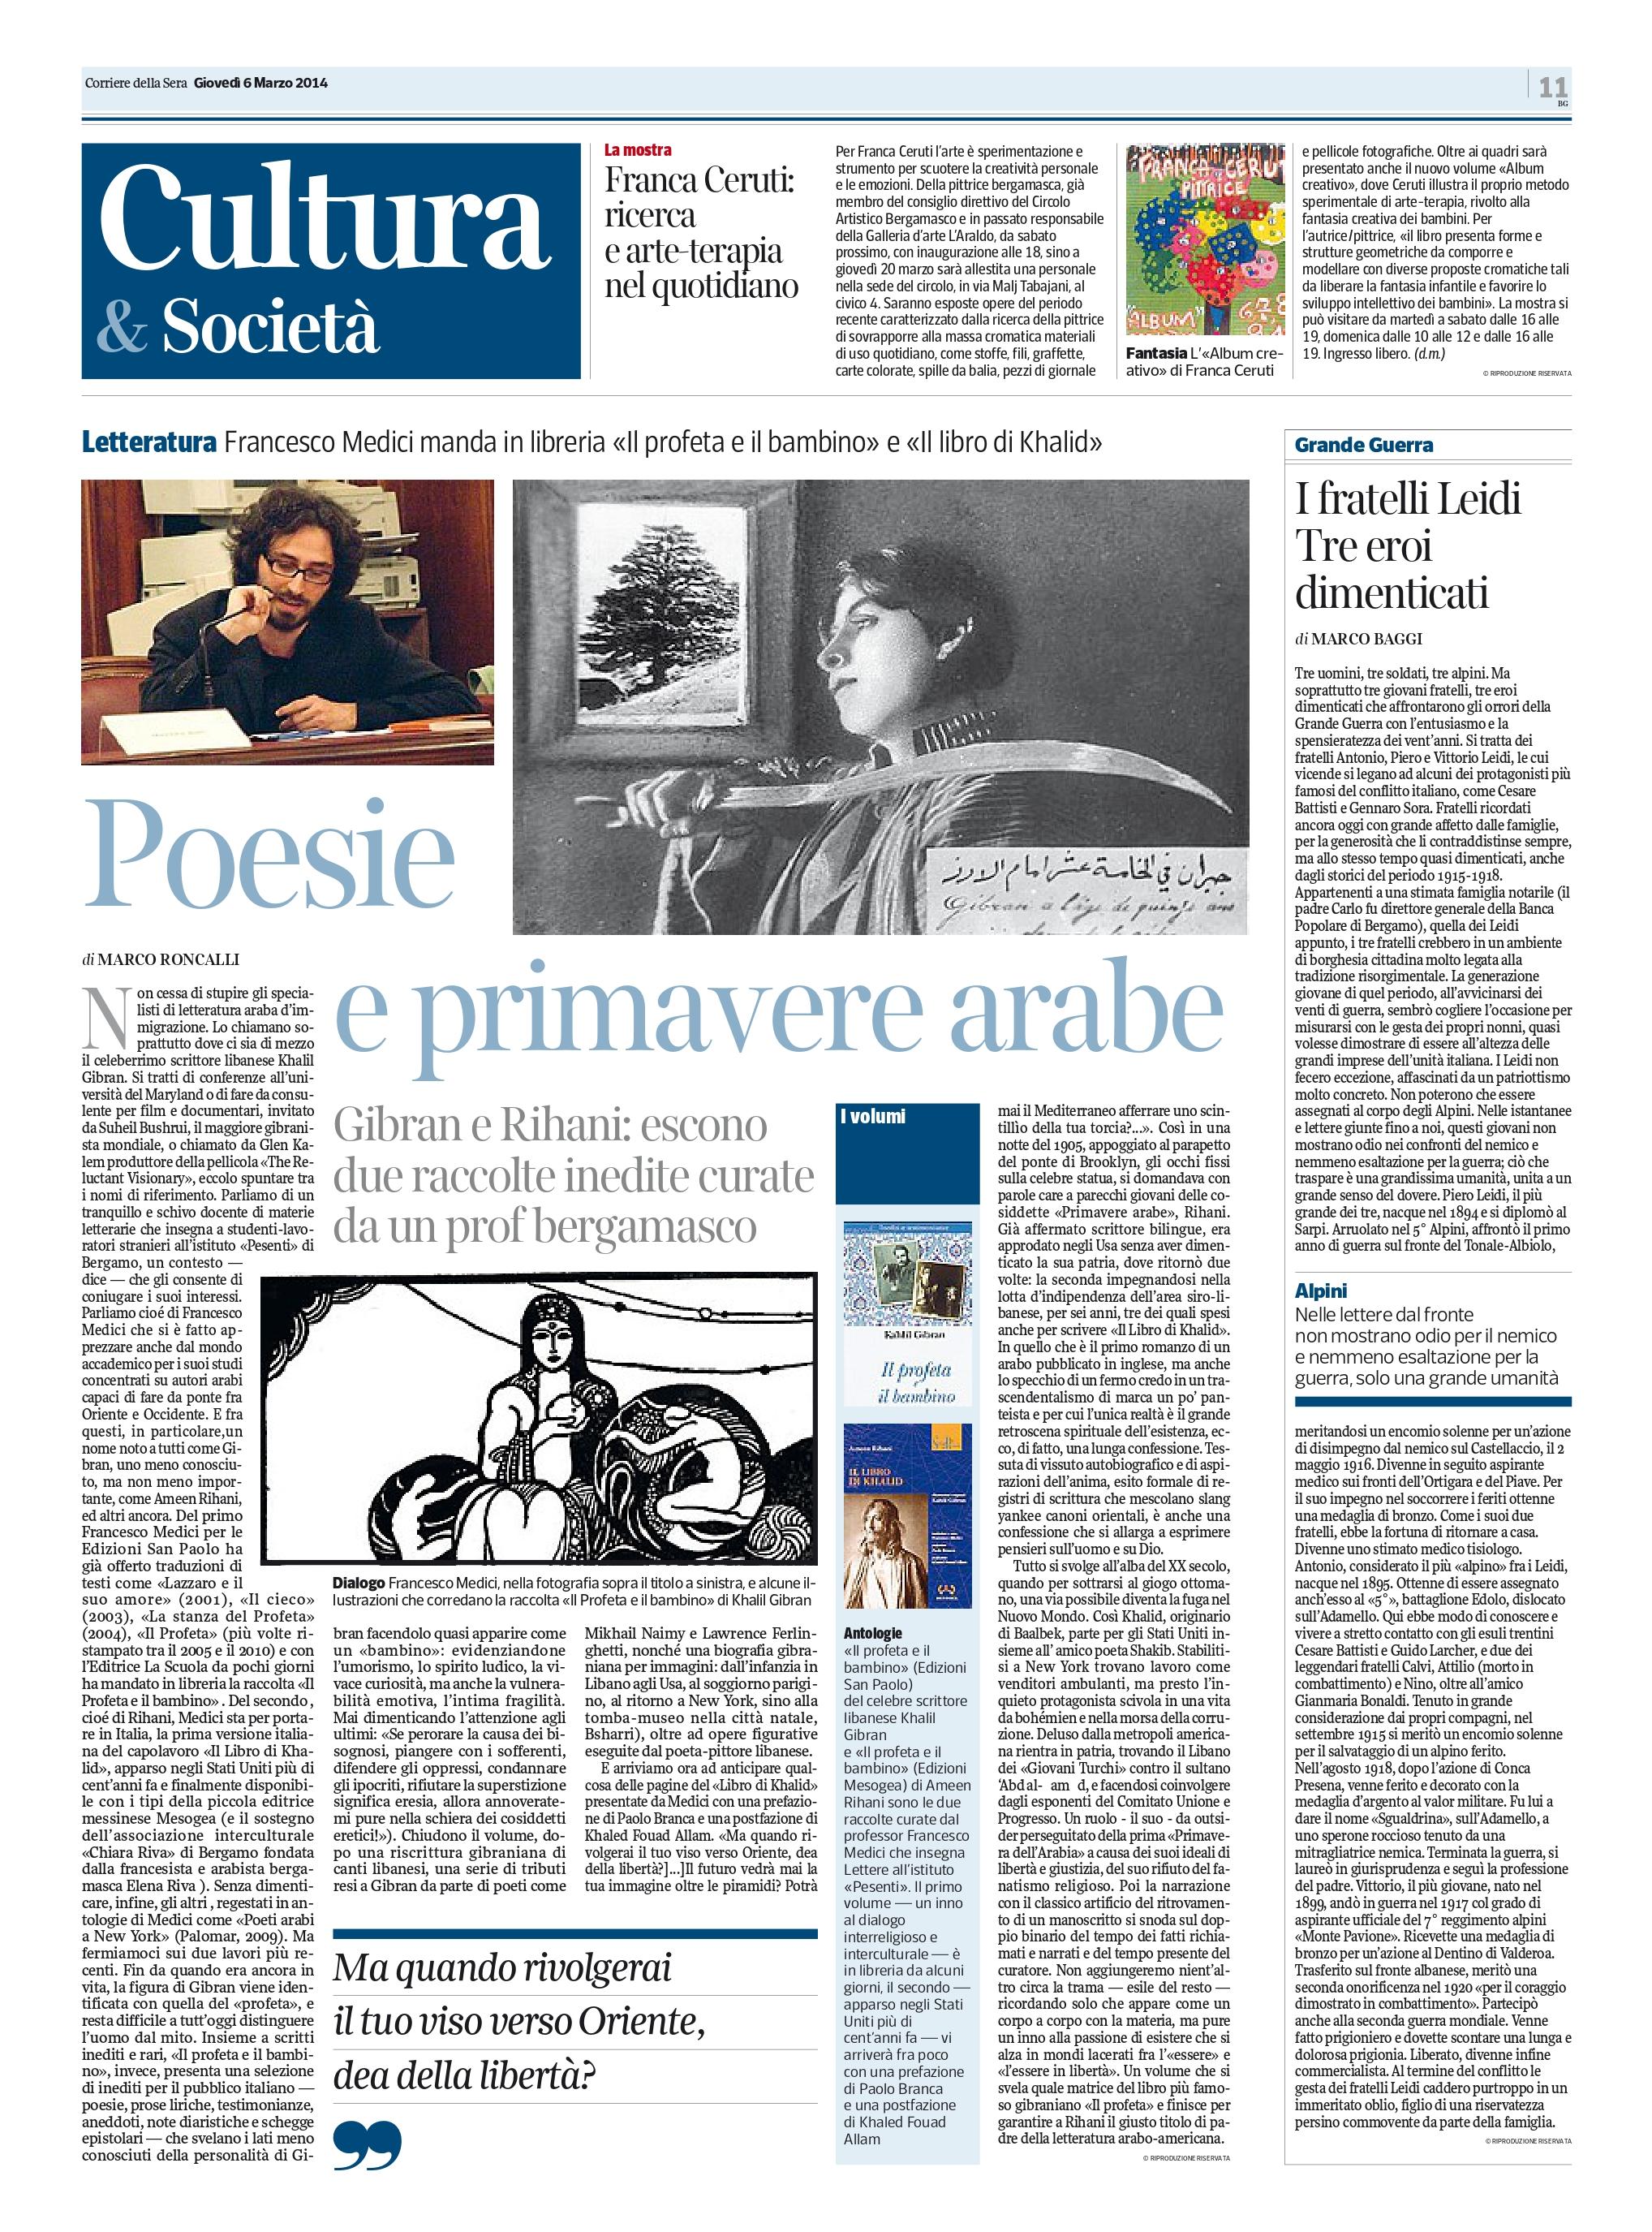 """Marco Roncalli, """"Poesie e primavere arabe"""", Corriere della Sera, Mar 6, 2014, p. 11"""